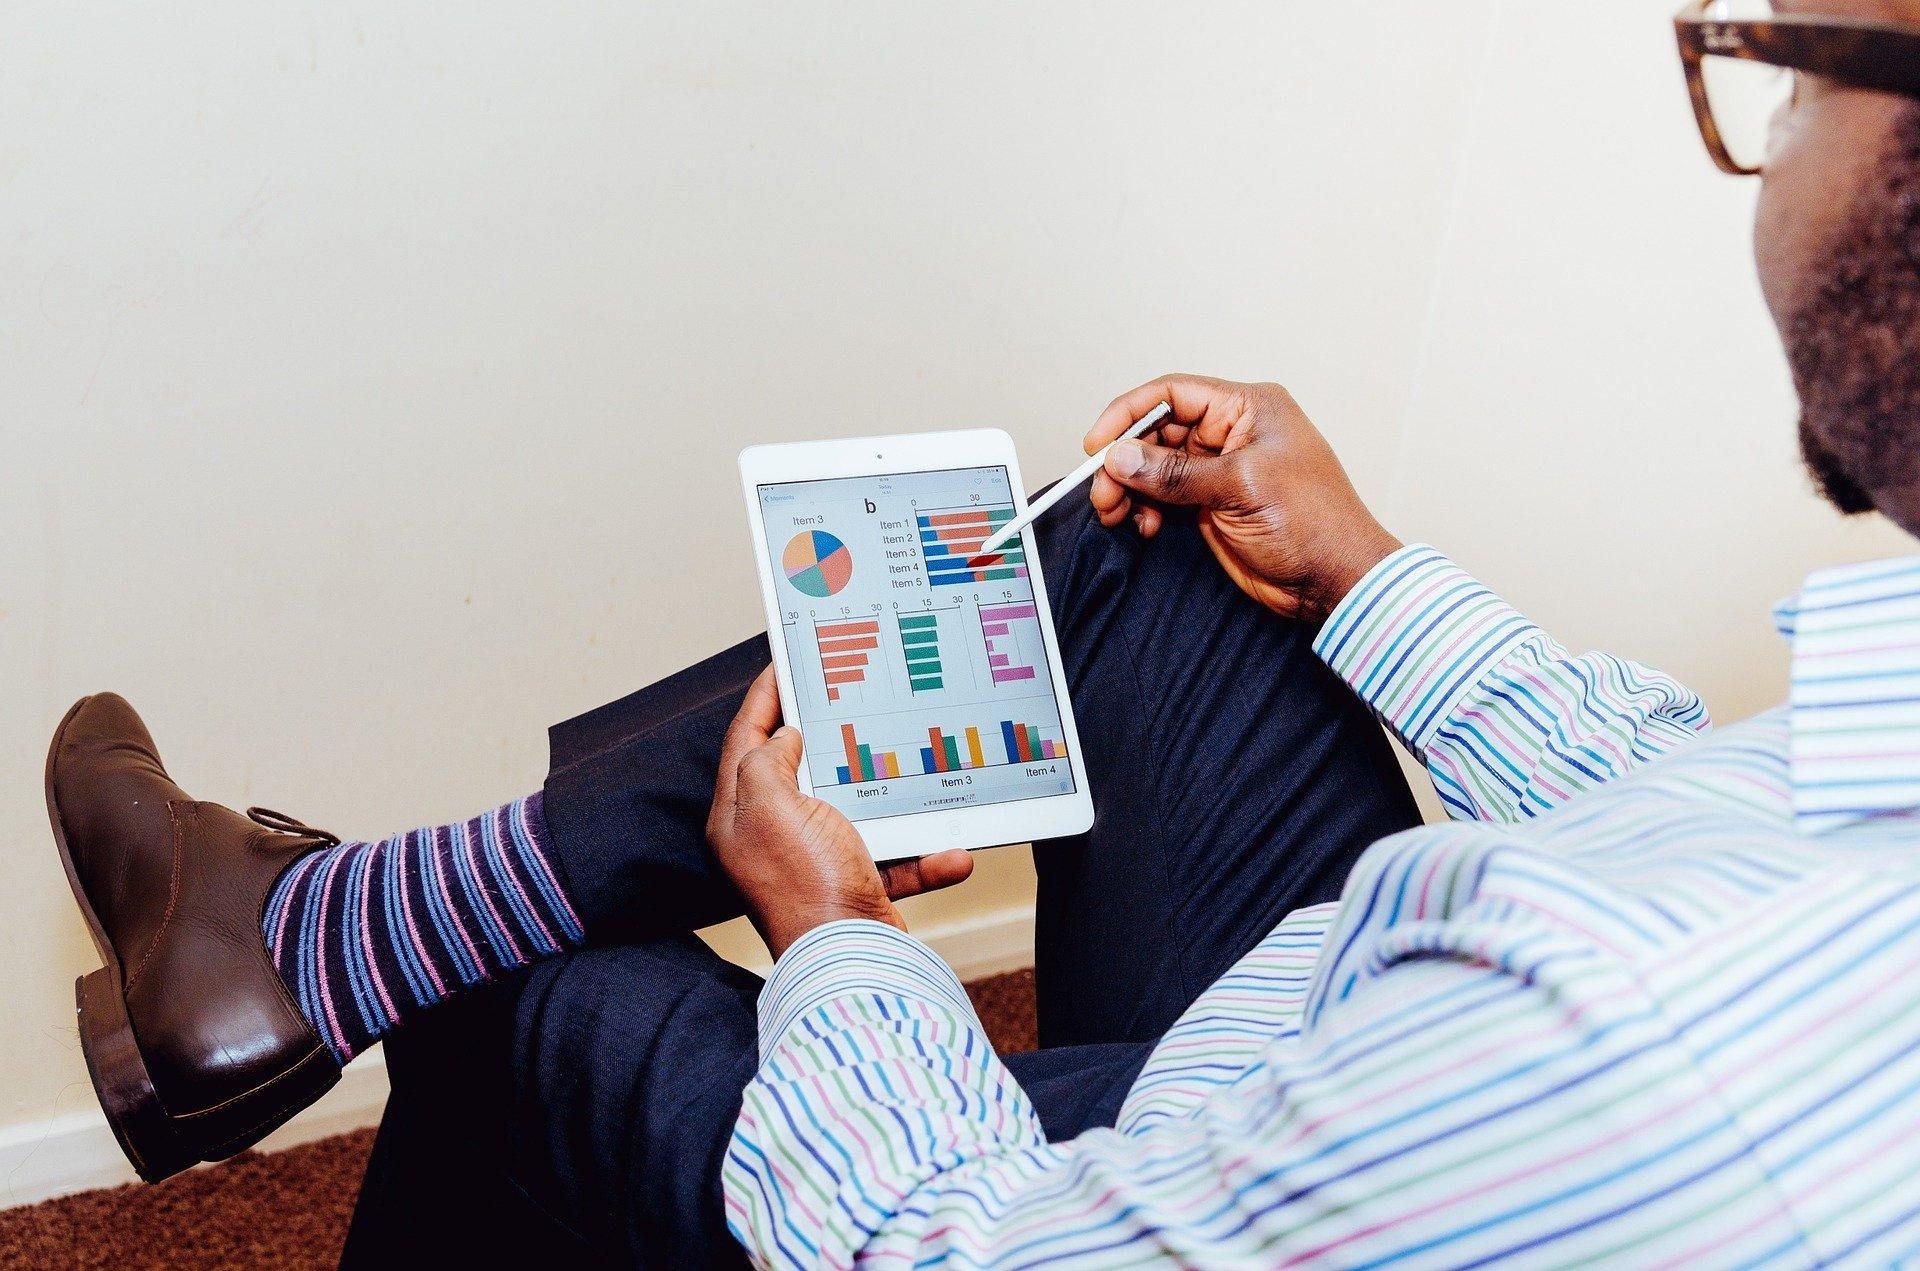 Finanzbuchhaltung: Definition, Erklärung & Aufgaben